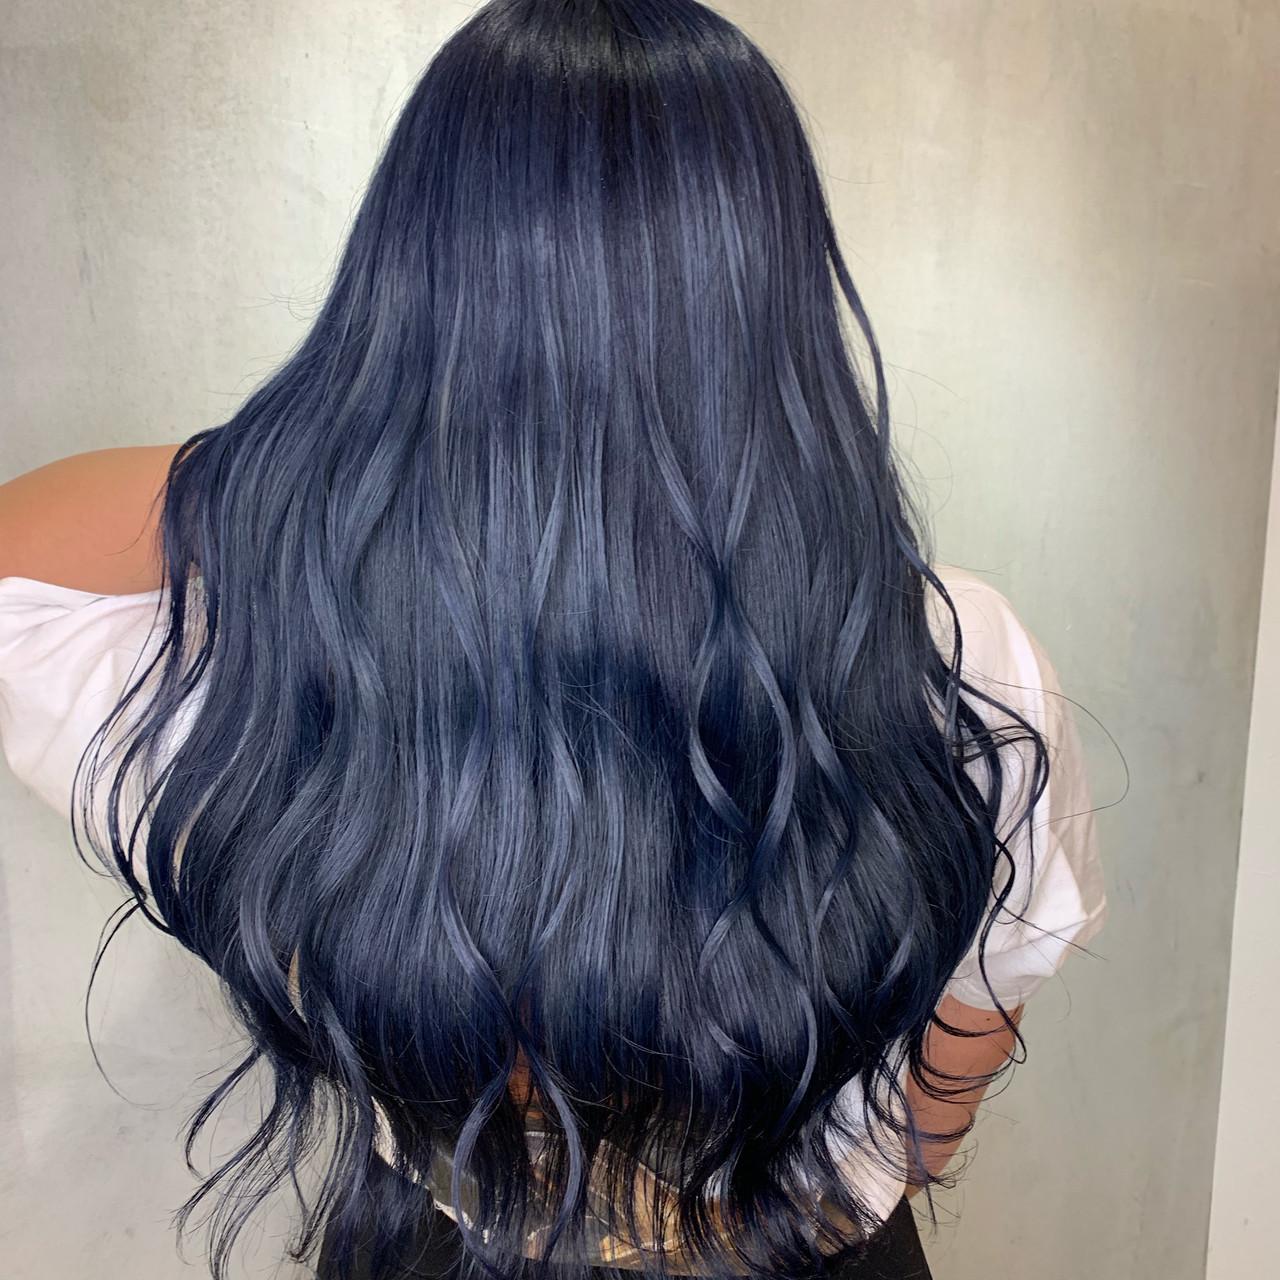 モード ブルージュ ブルー ロング ヘアスタイルや髪型の写真・画像